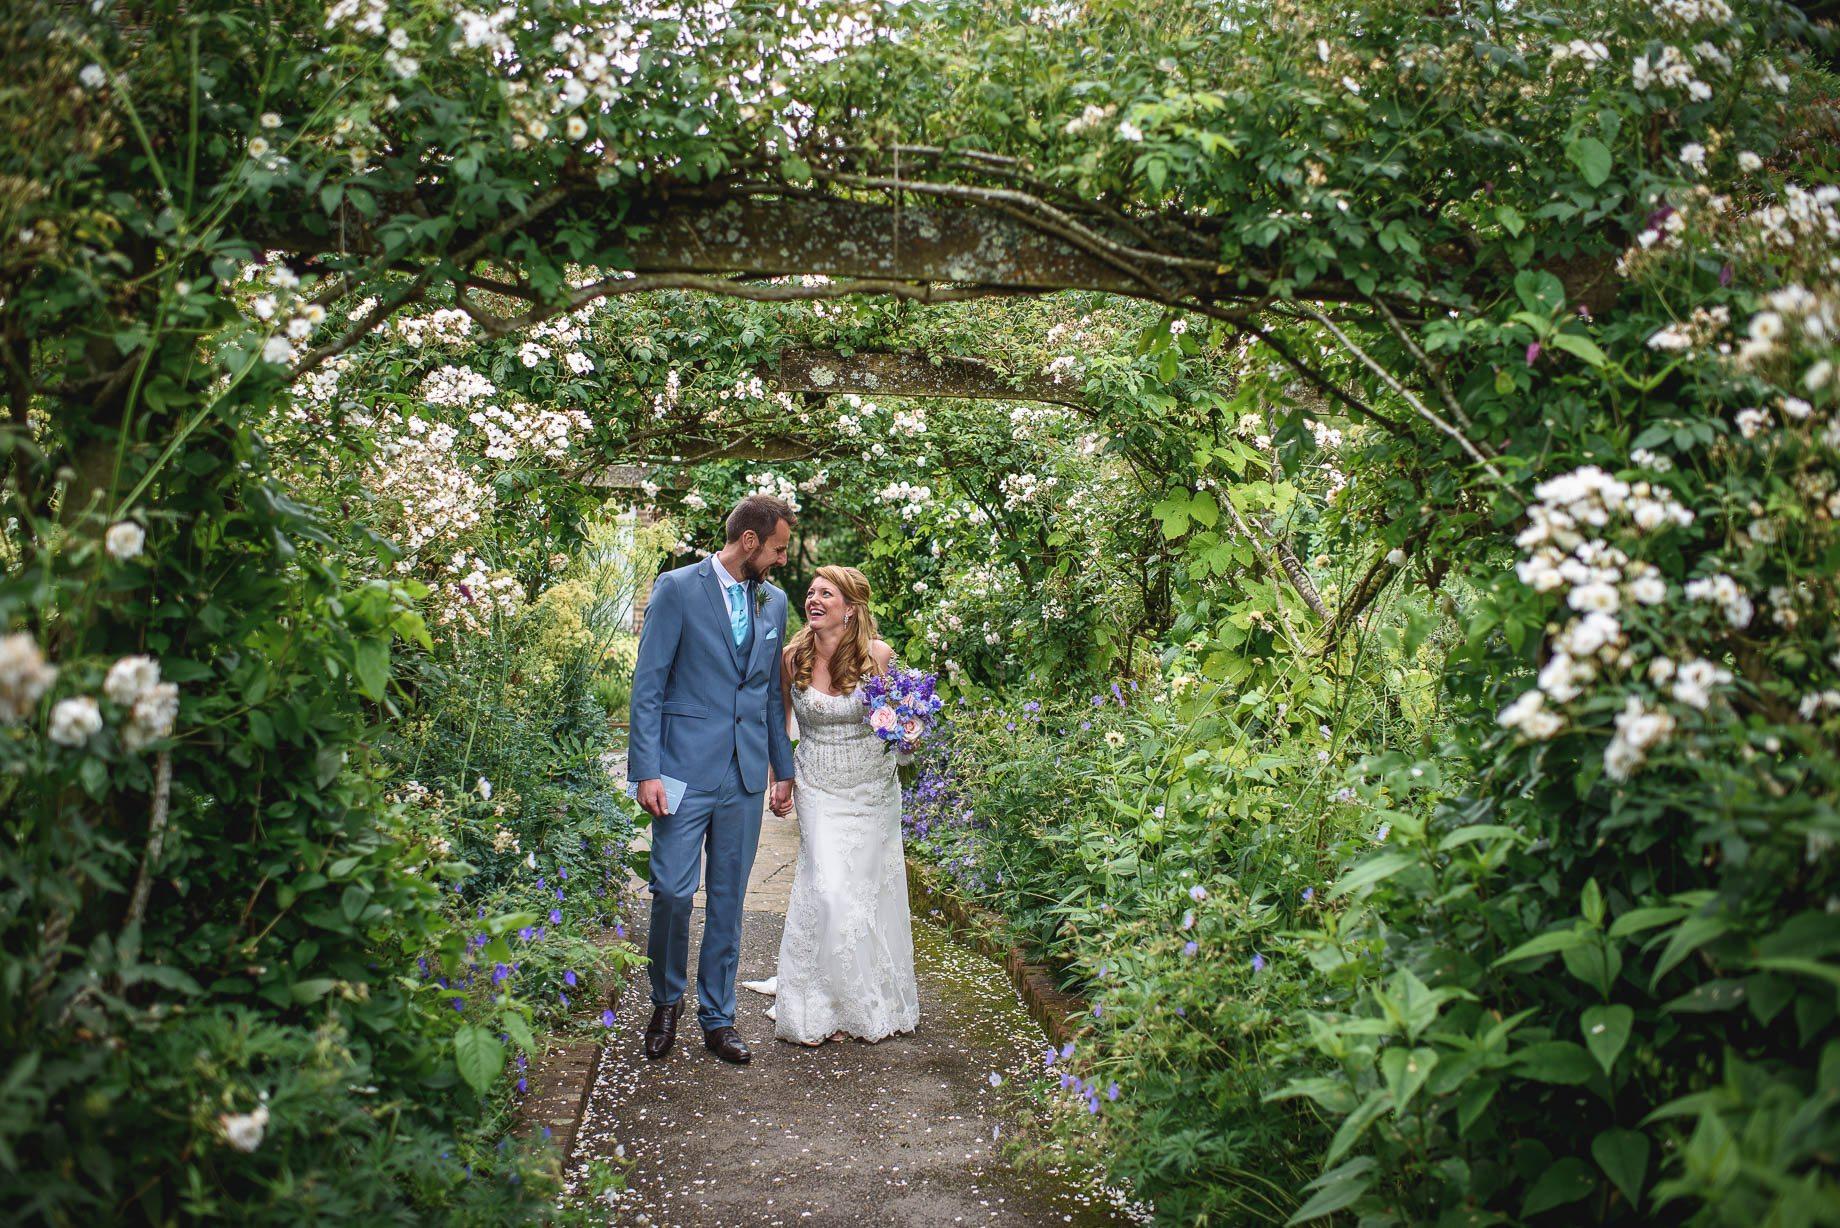 Bartholomew Barns wedding photography - Louise and Spencer (54 of 151)